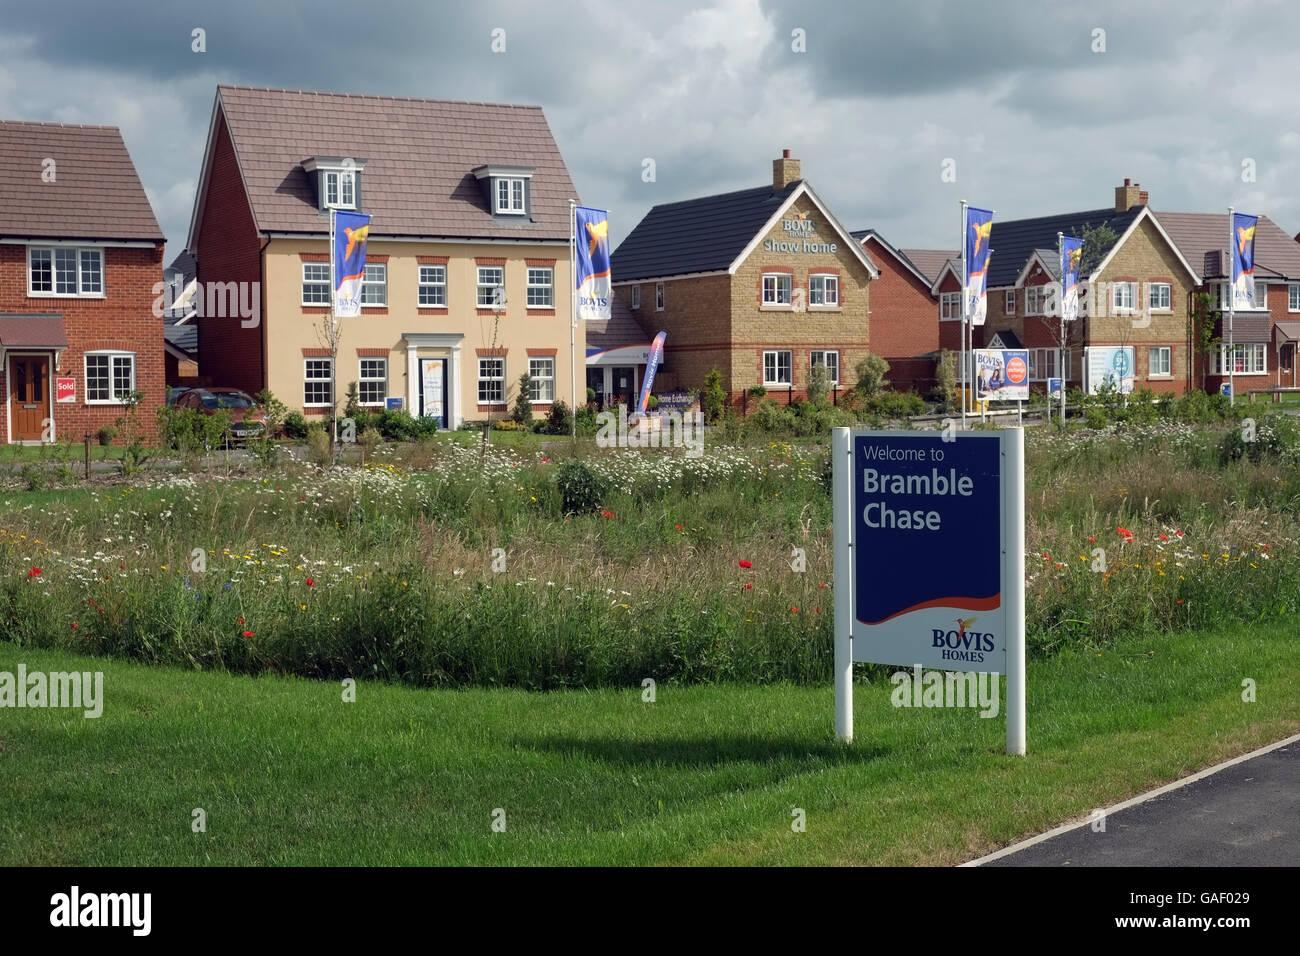 Bovis Homes New Housing Development 39 Bramble Chase 39 At